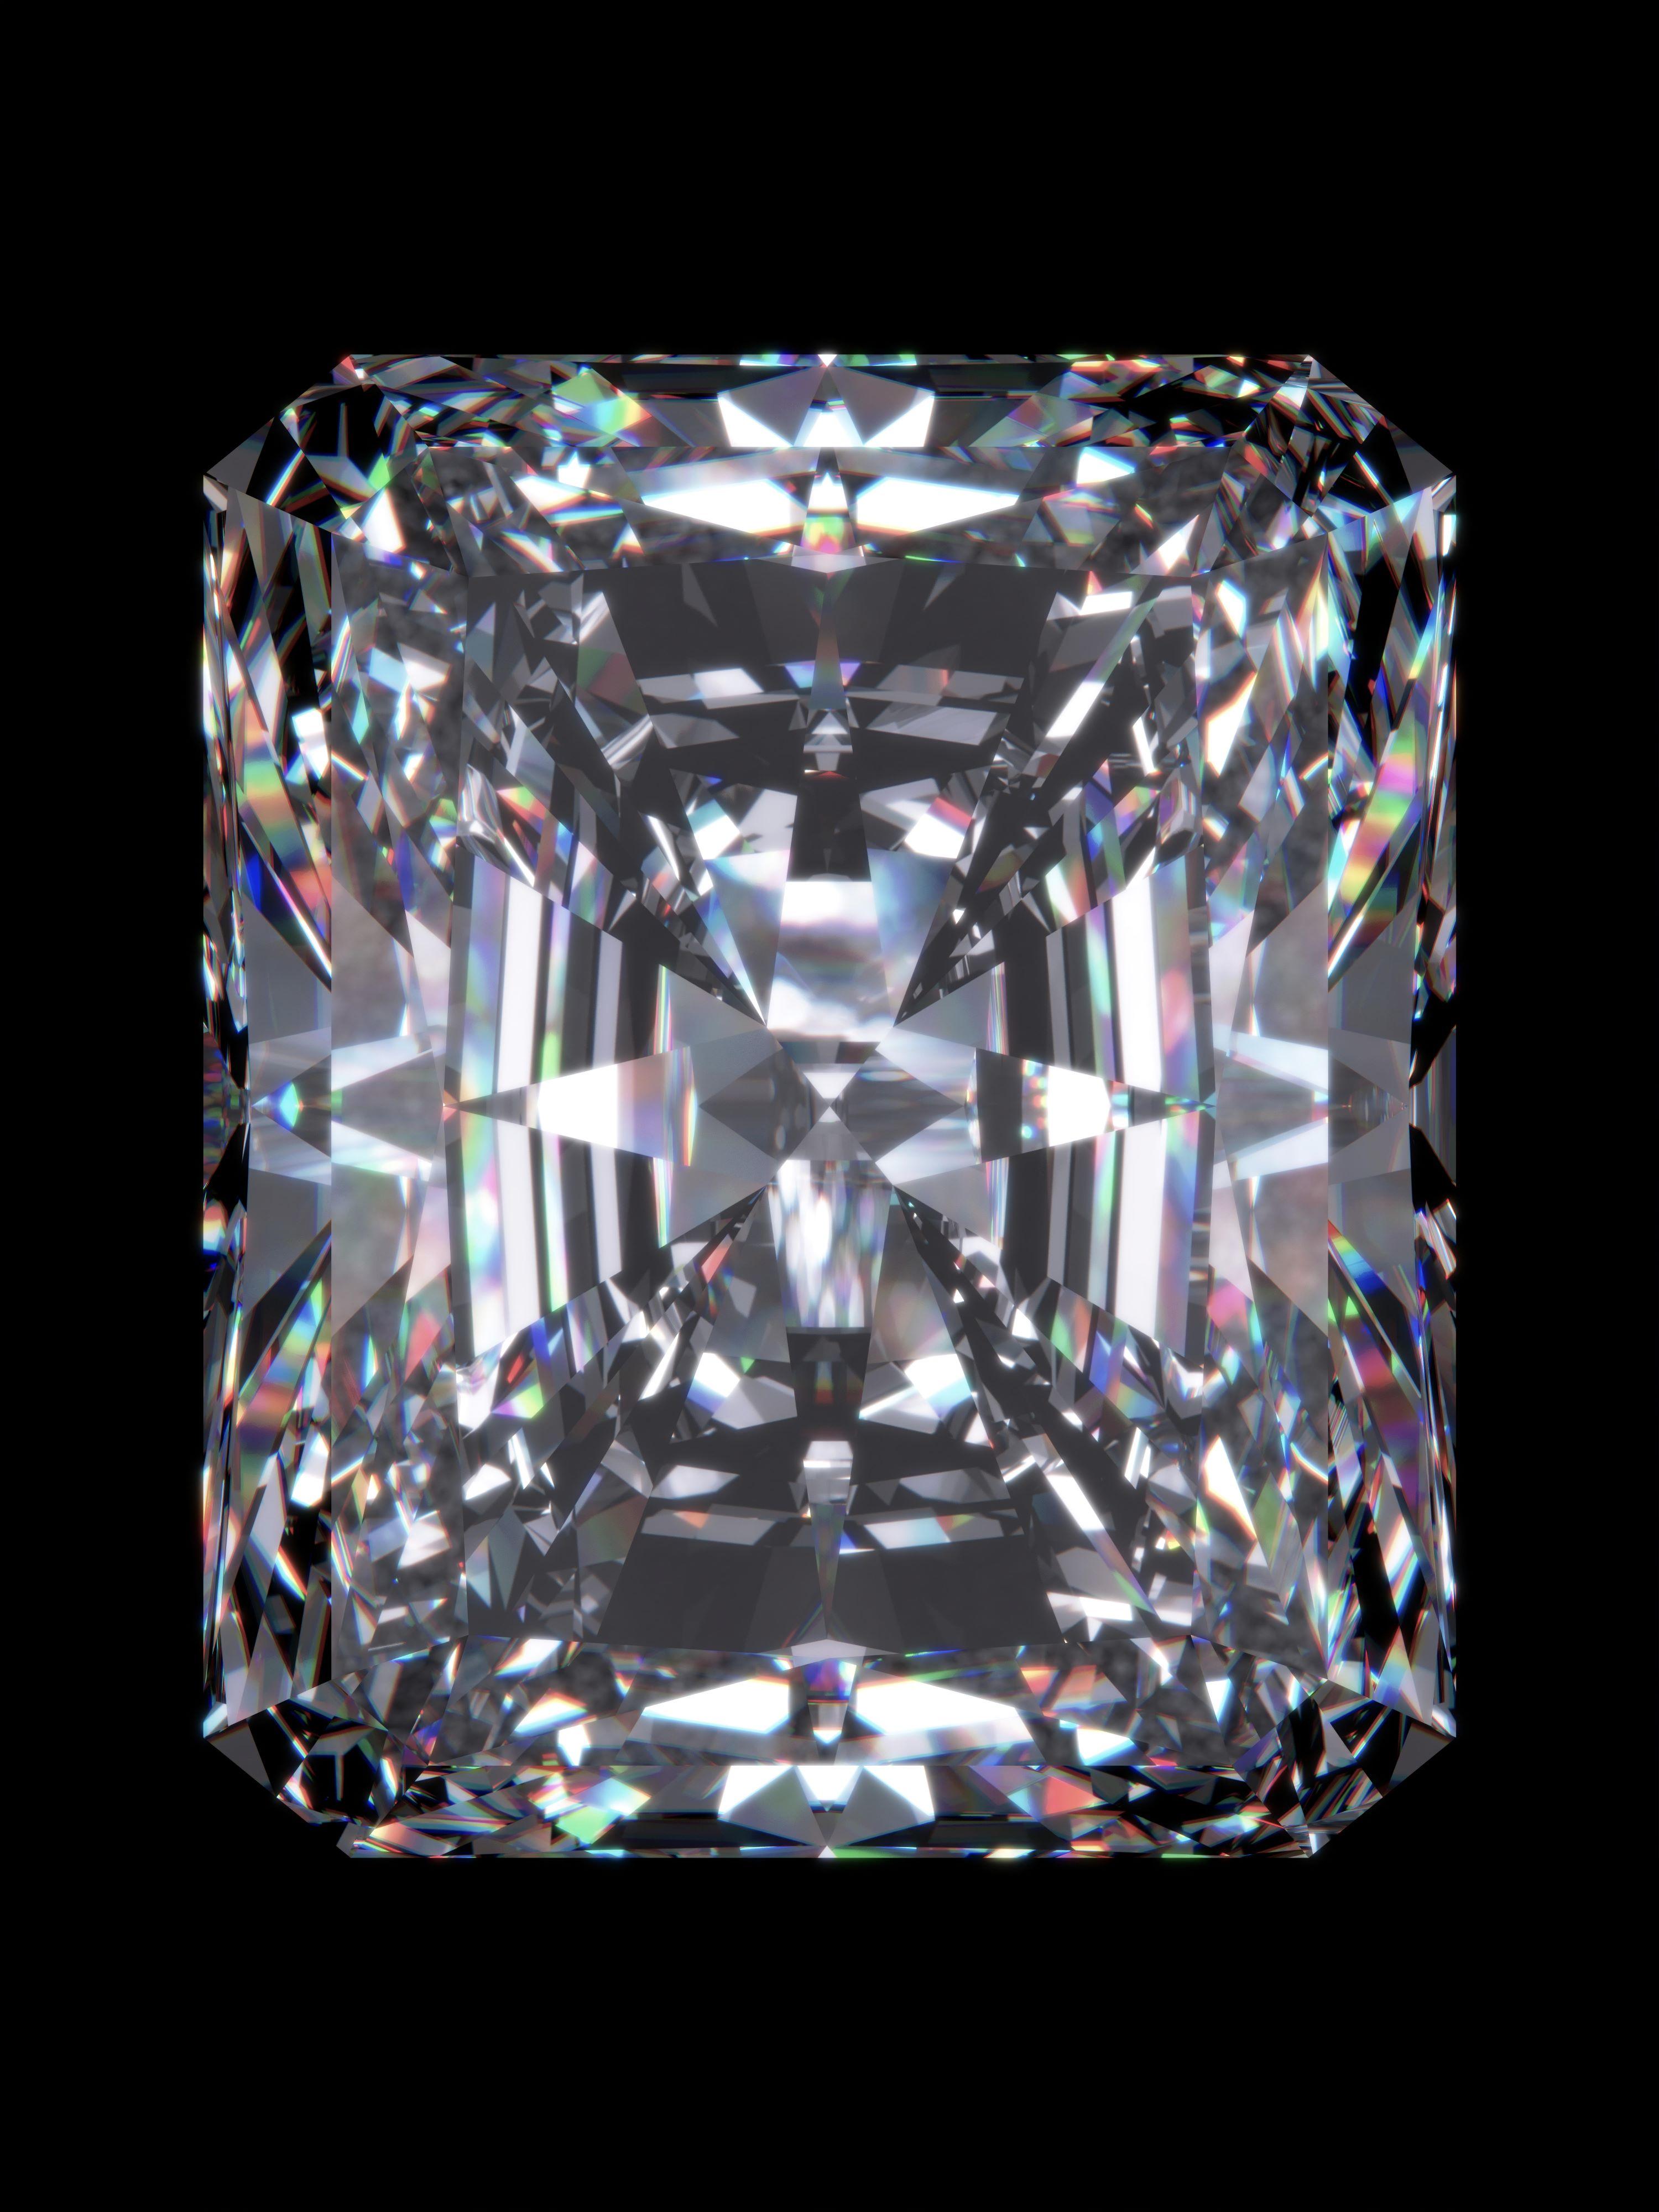 Diamant mit Radiantschliff auf schwarzem Hintergrund